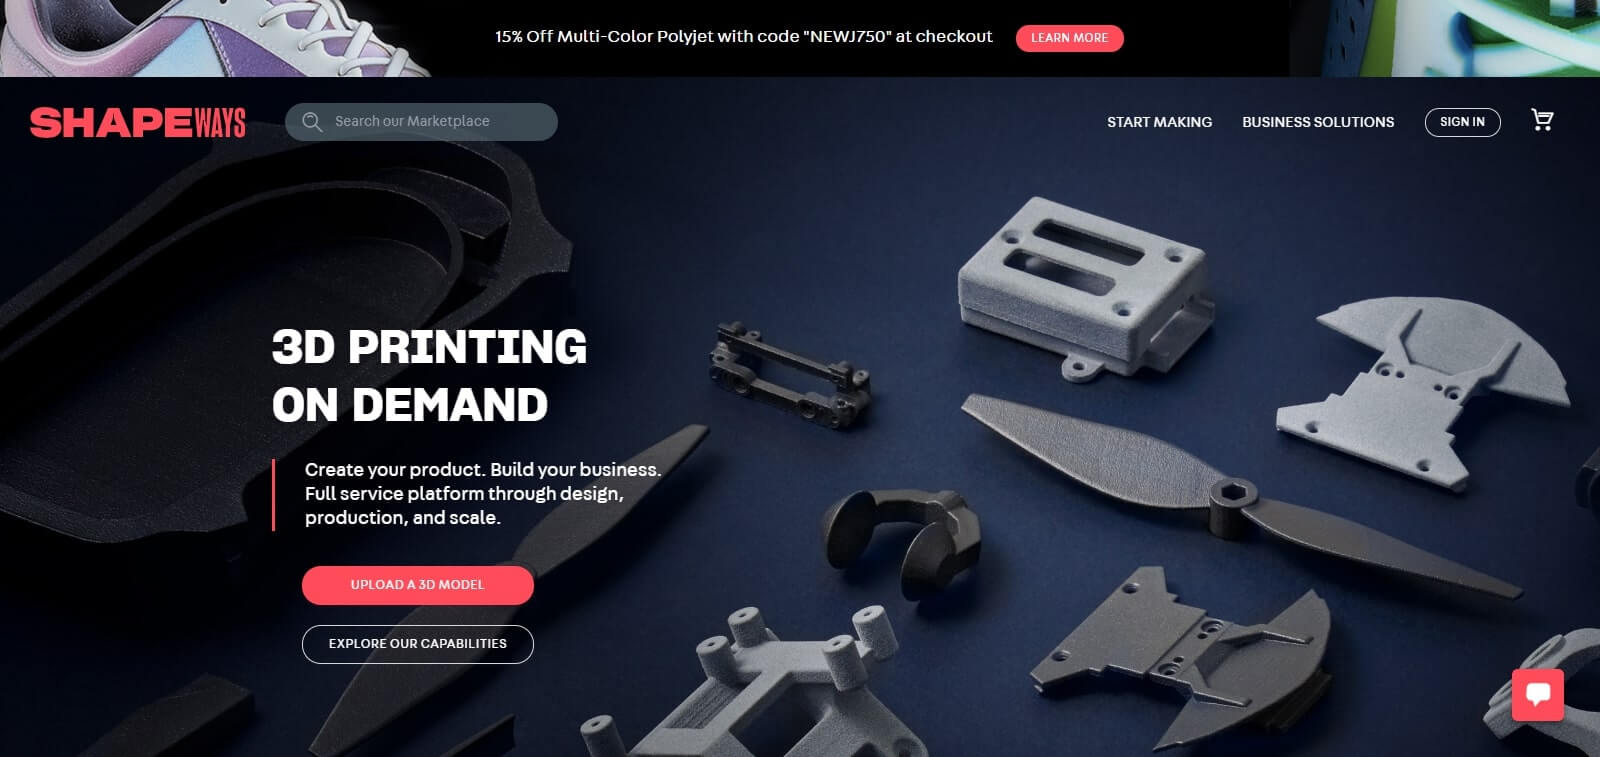 shapeways.com 3d printing service